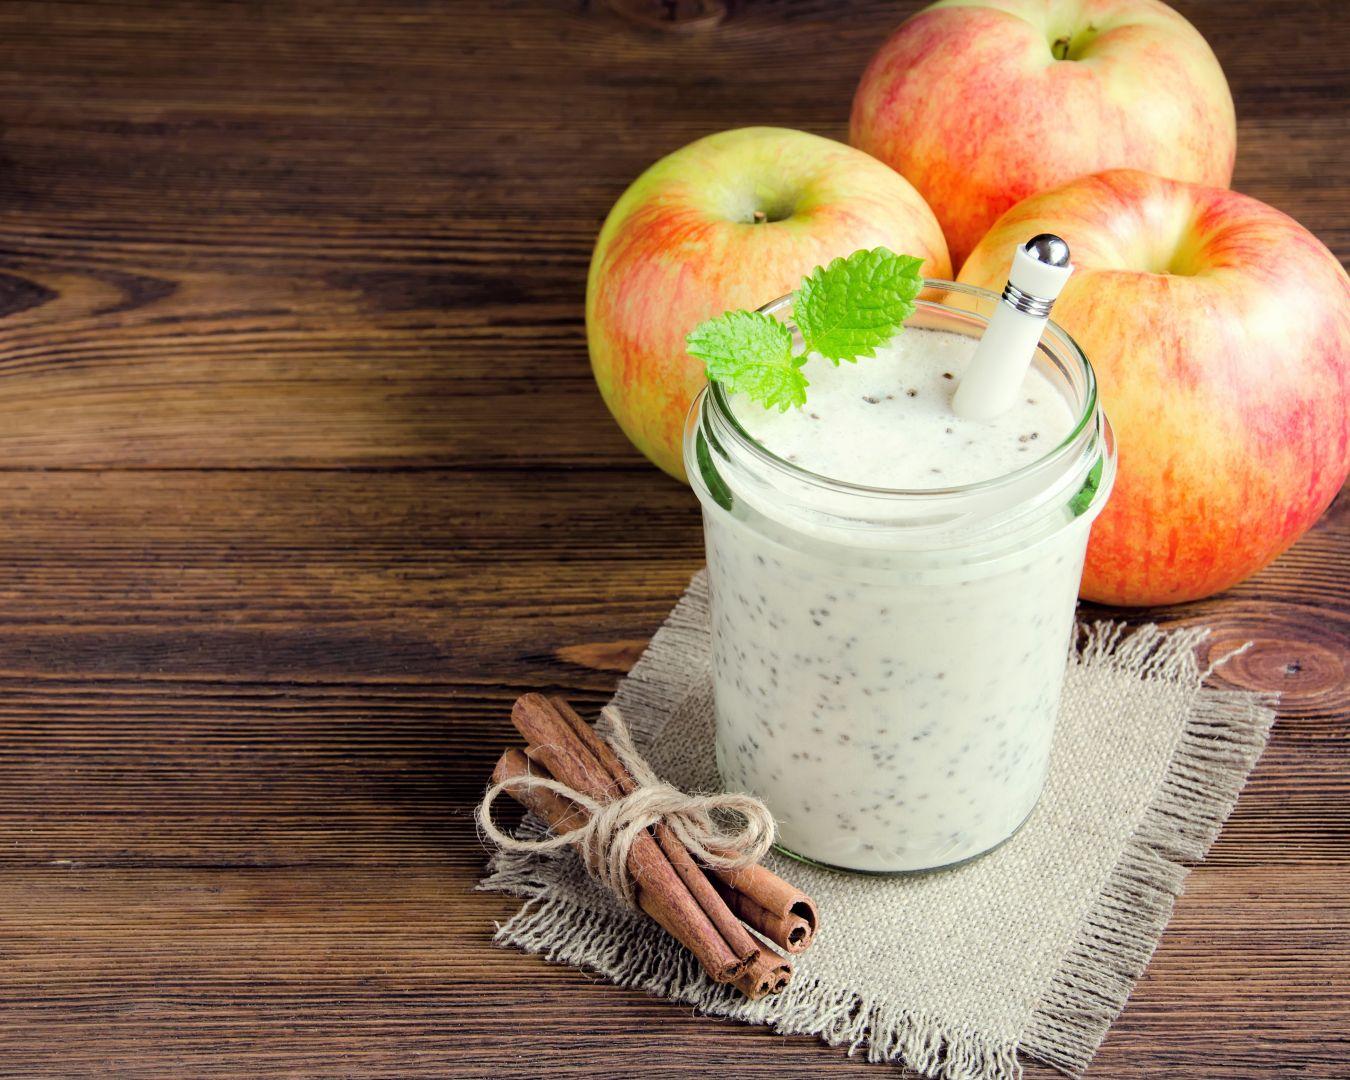 vaso de leche con chía y manzanas